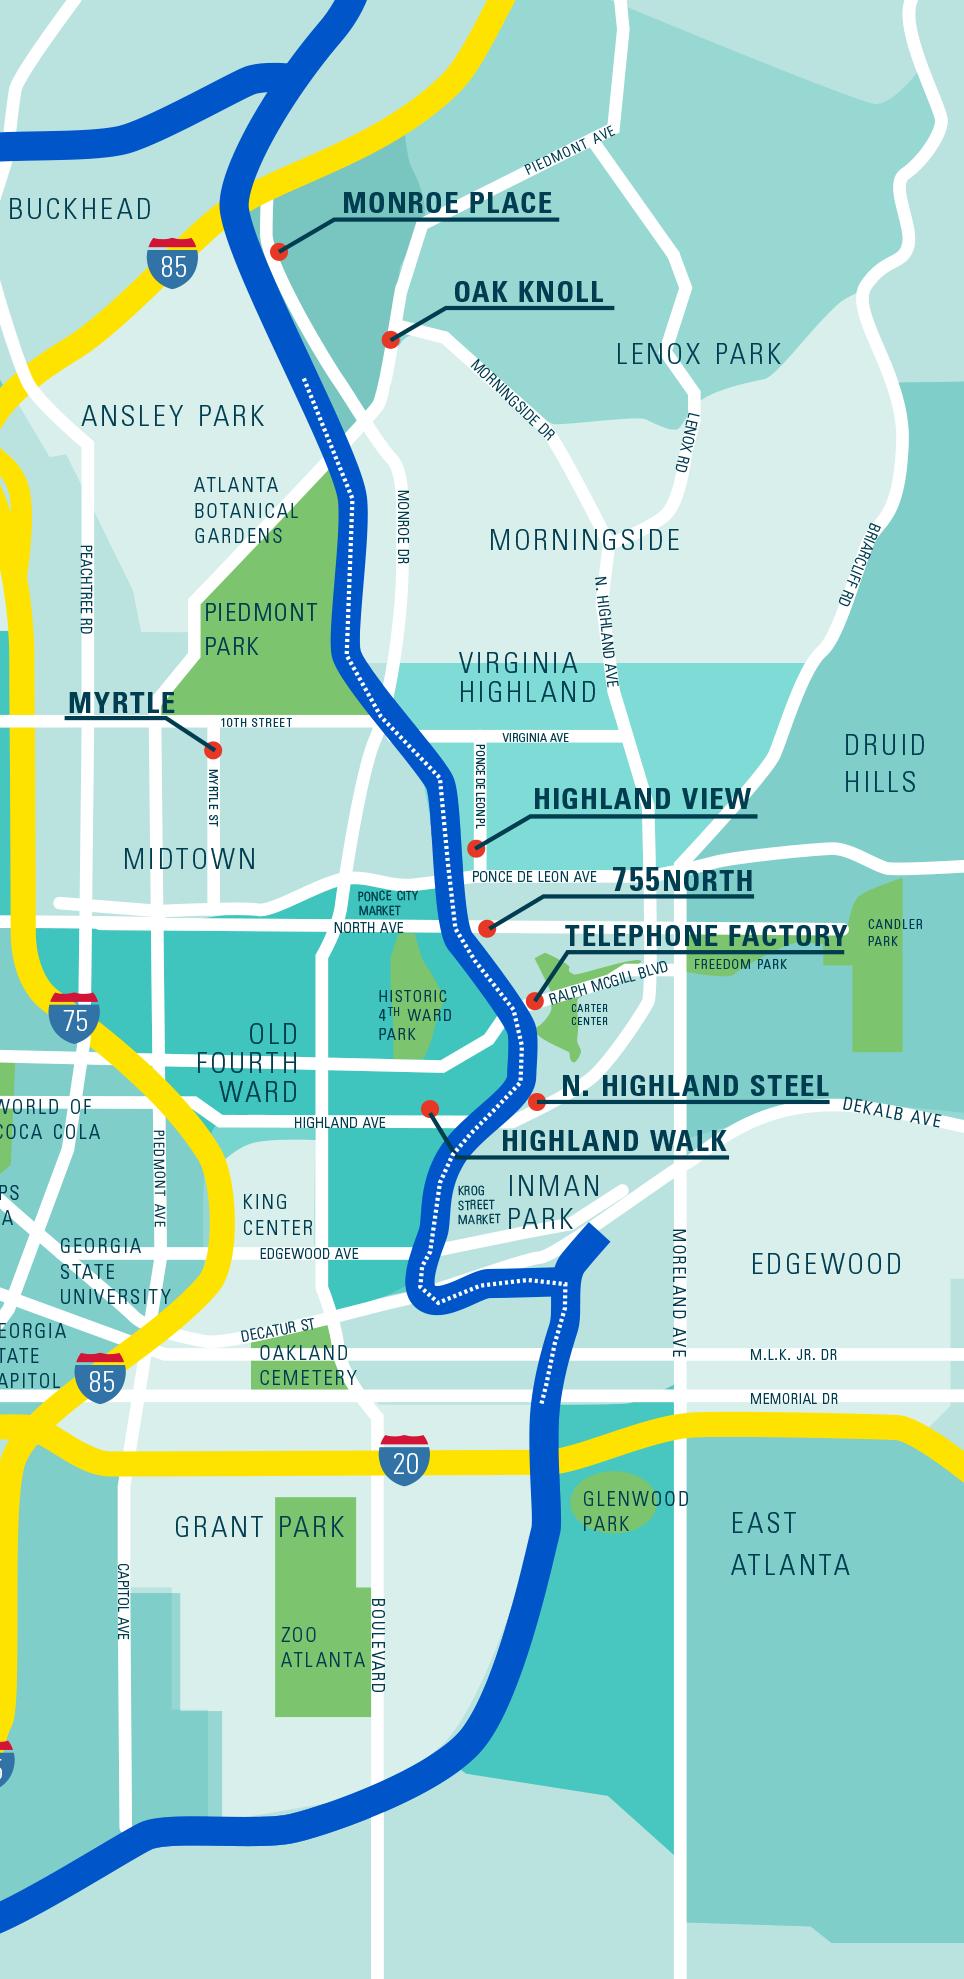 perennial-properties-atlanta-georgia-apartment-beltline-living-map2